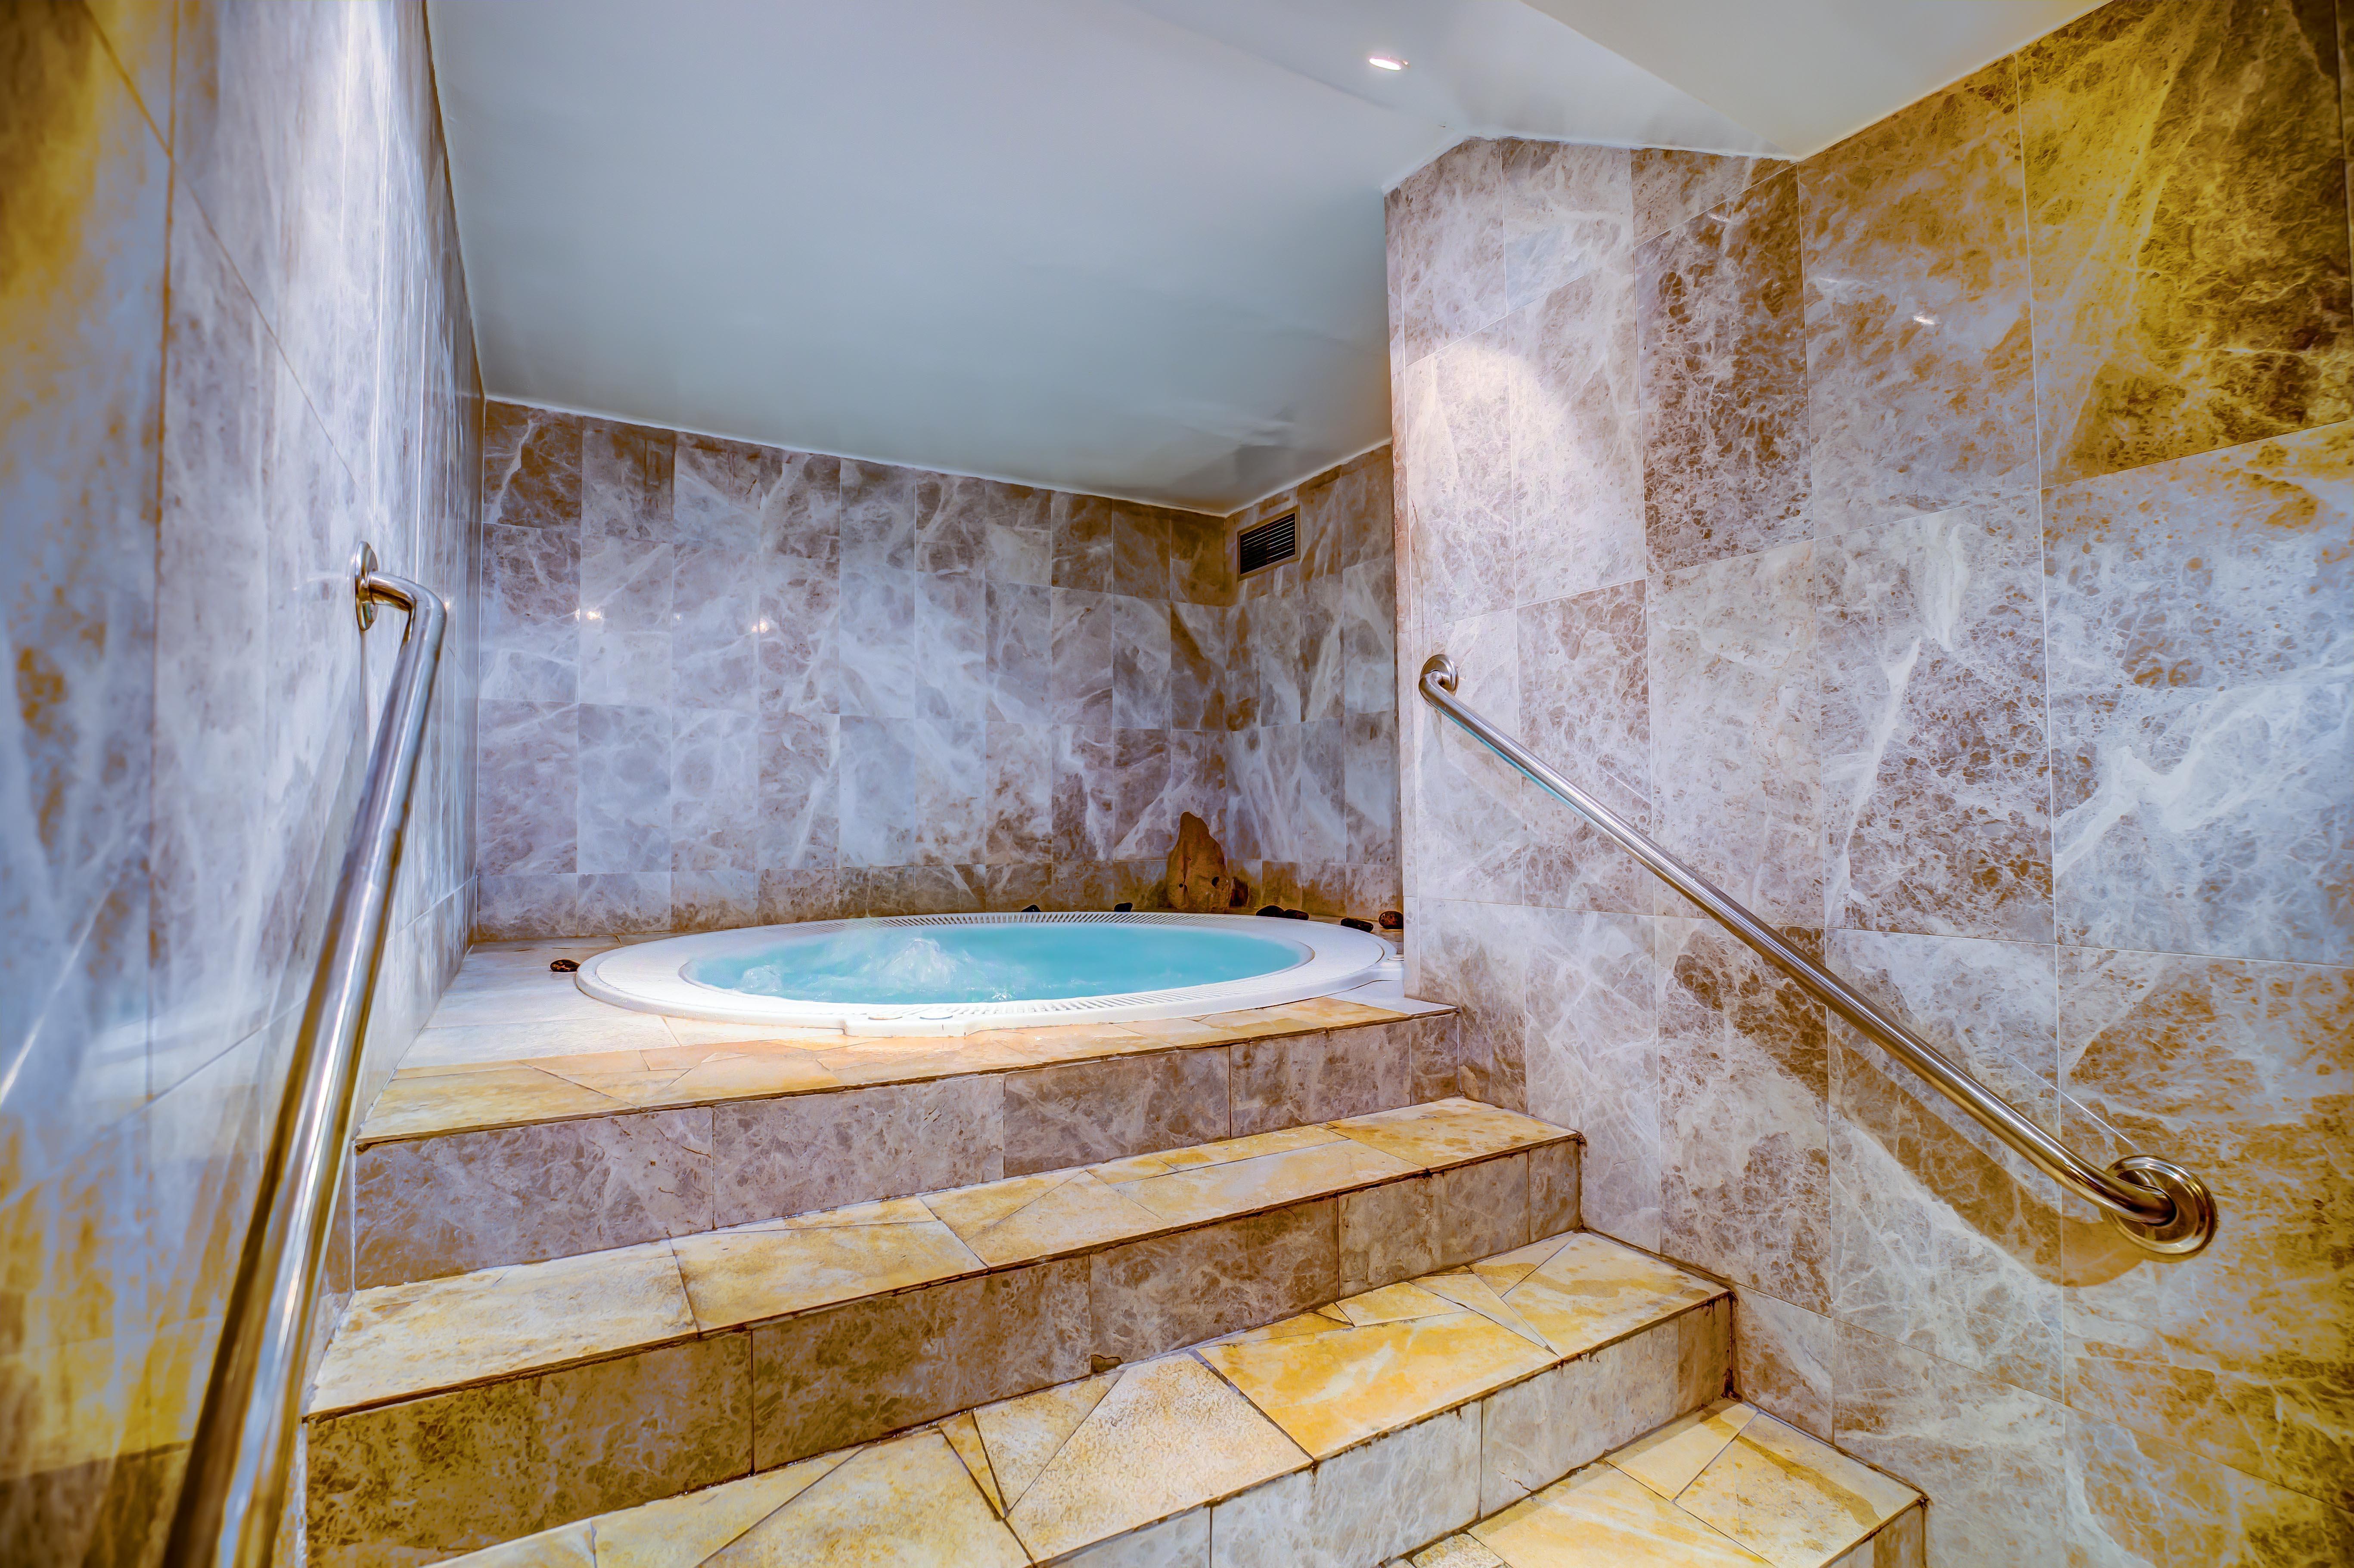 Offerte di viaggi a costa calma da 371 - Canarie a dicembre si fa il bagno ...